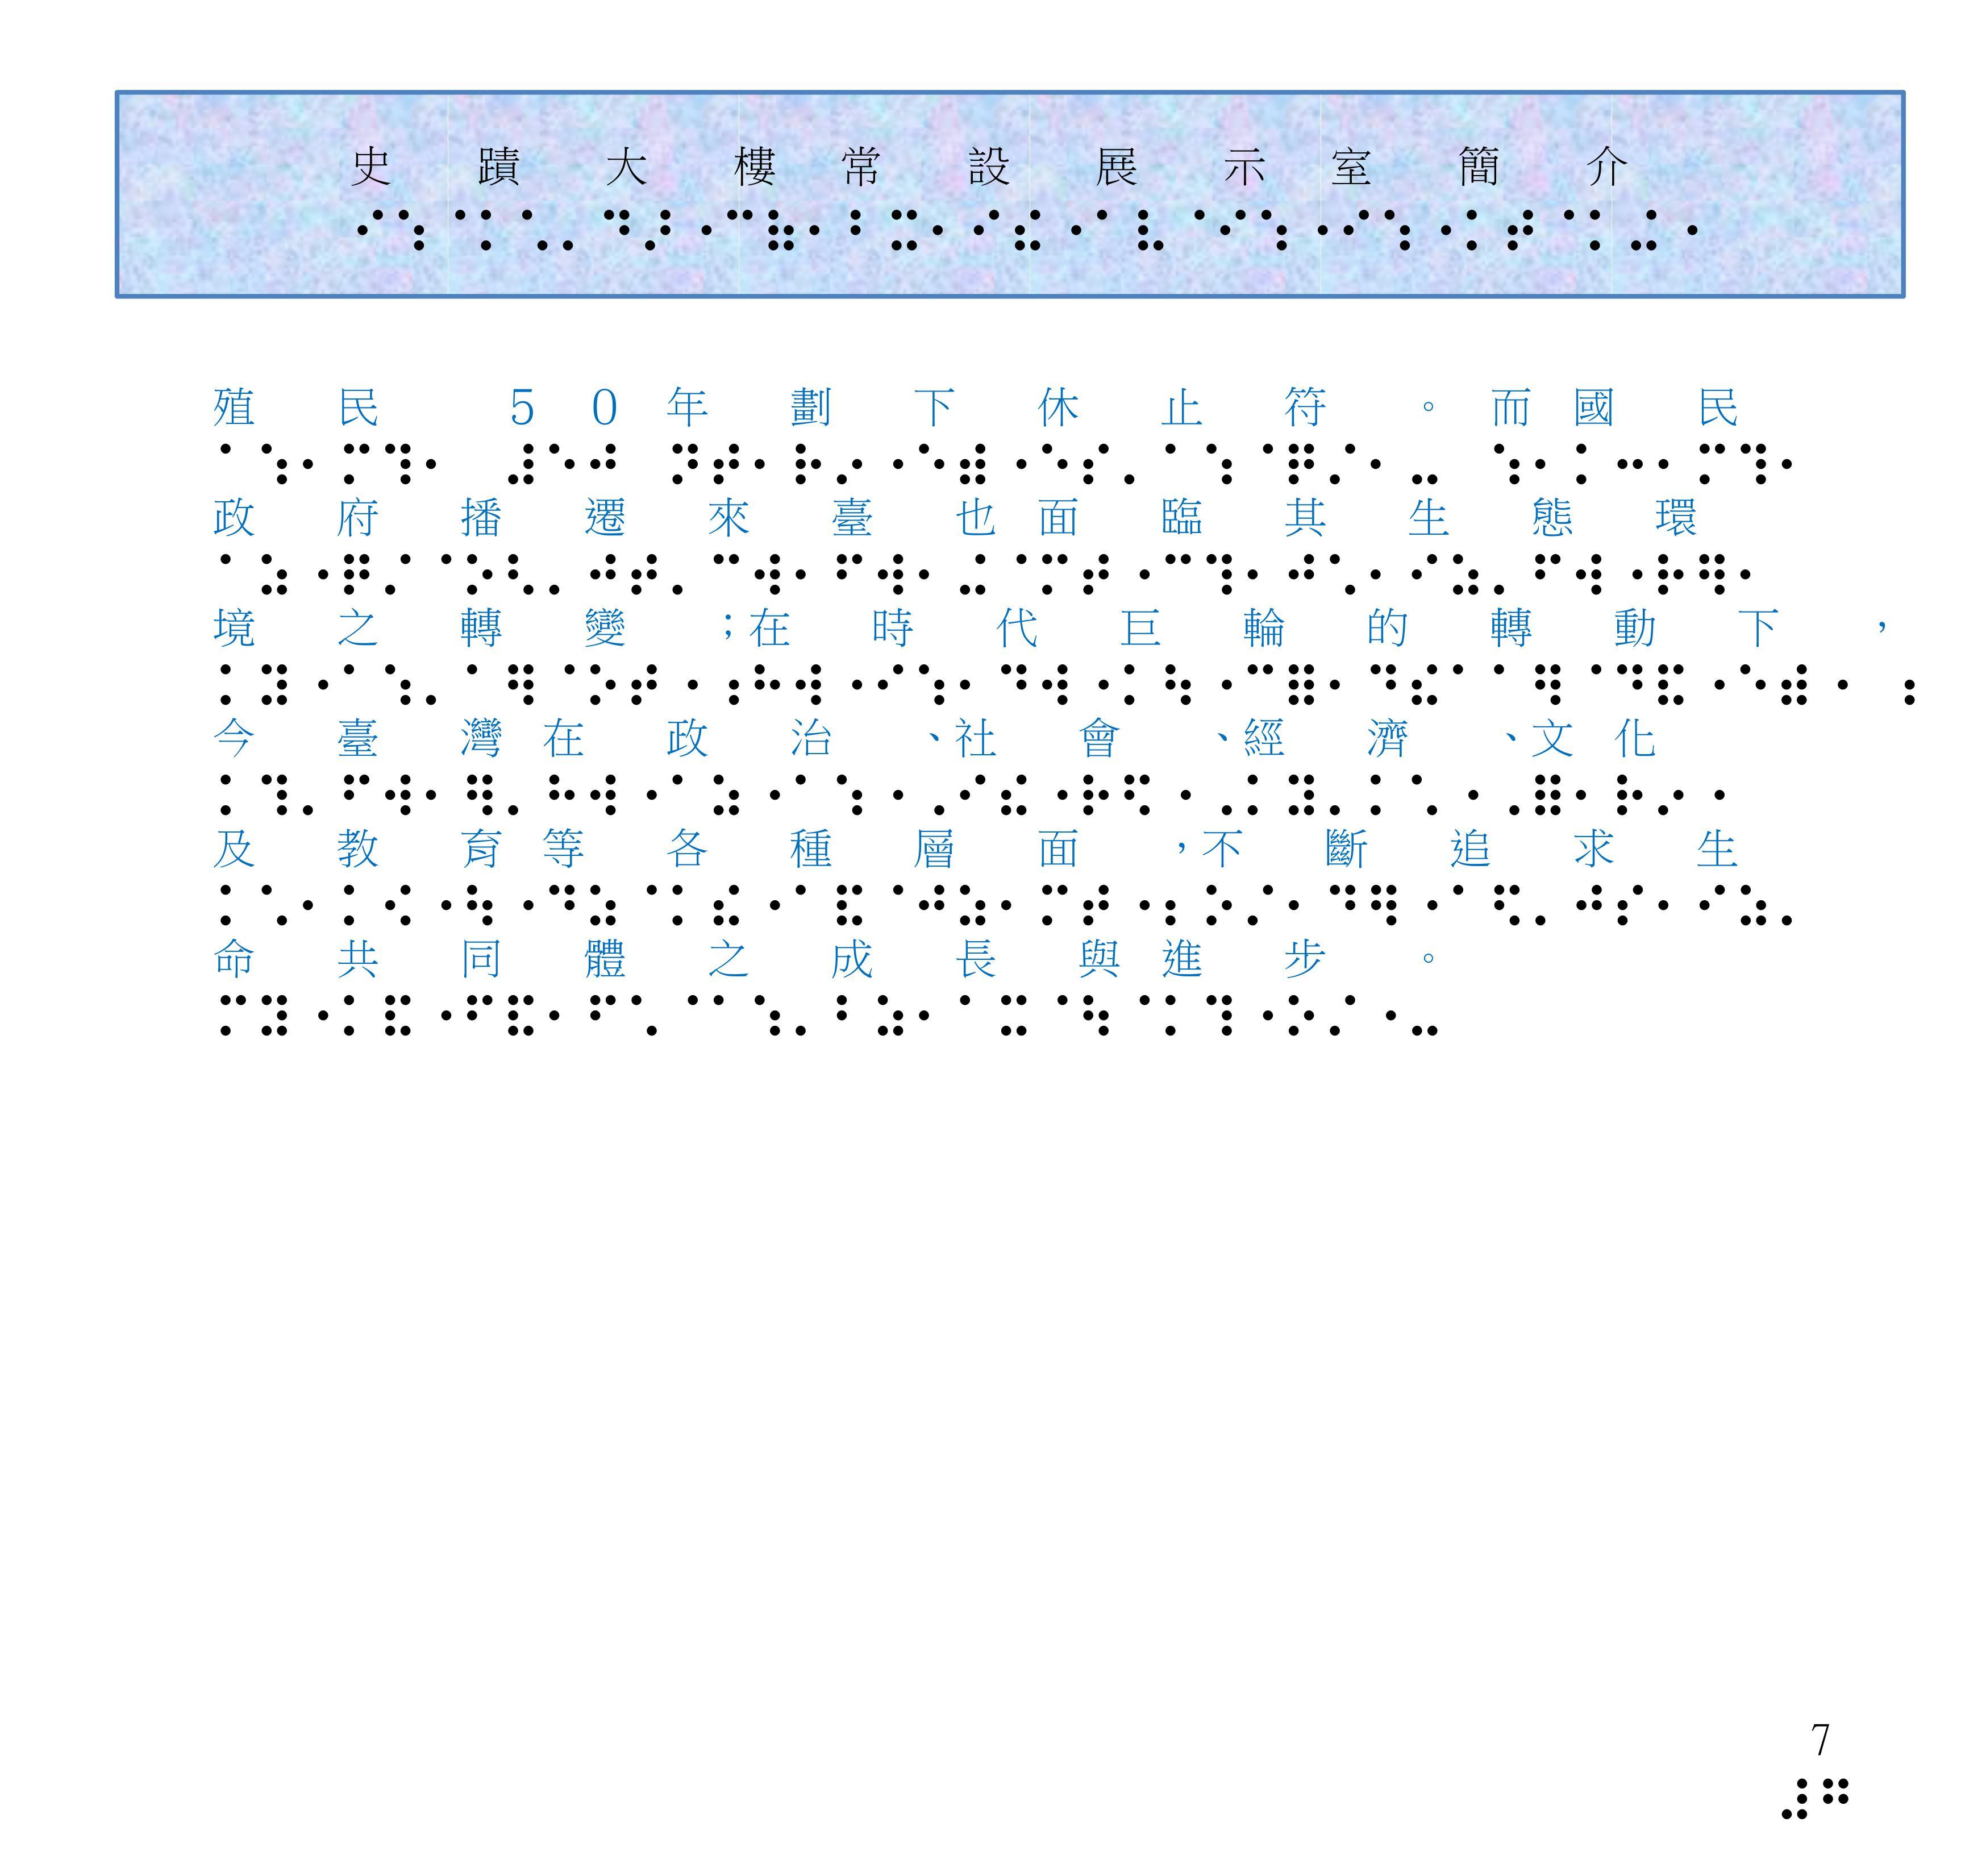 史蹟大樓視障導覽點字書簡介第7頁,含總說明共108個字